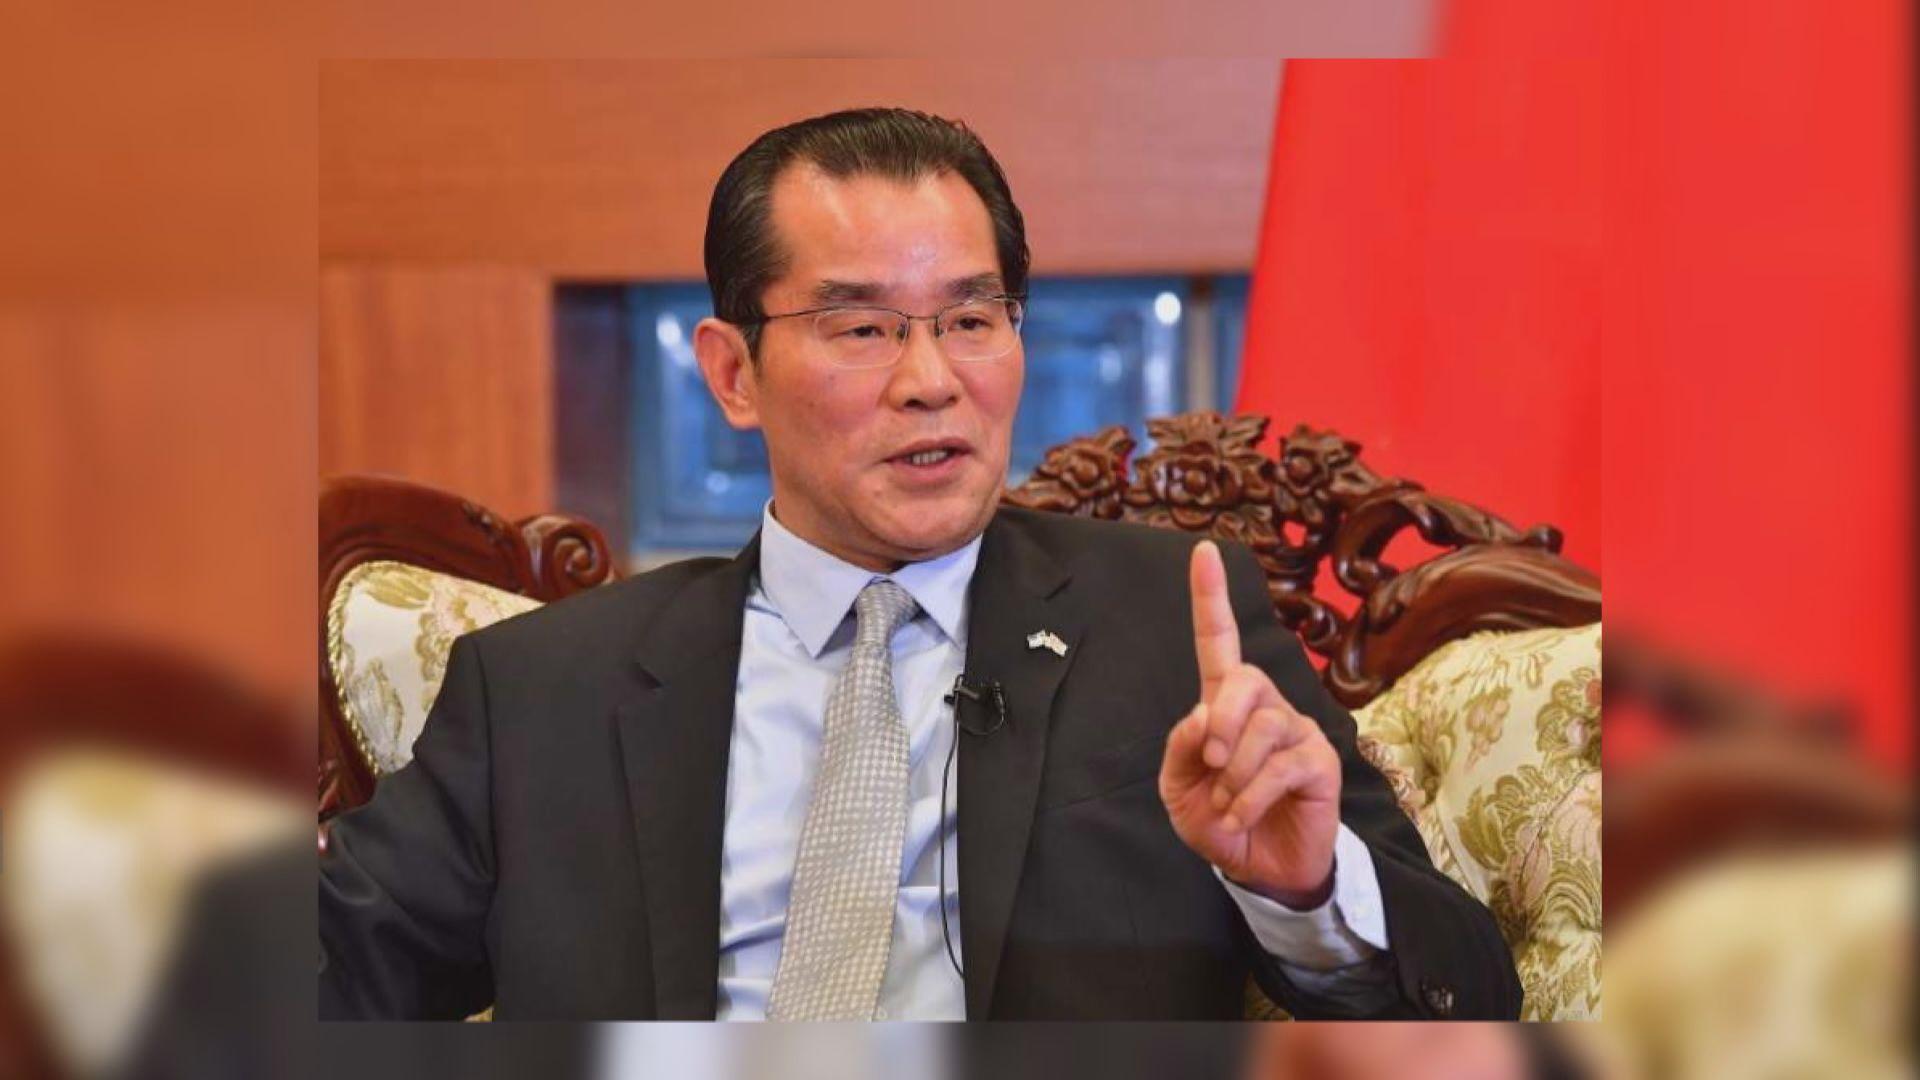 中國駐瑞典大使稱中方企業代表團取消訪瑞計劃